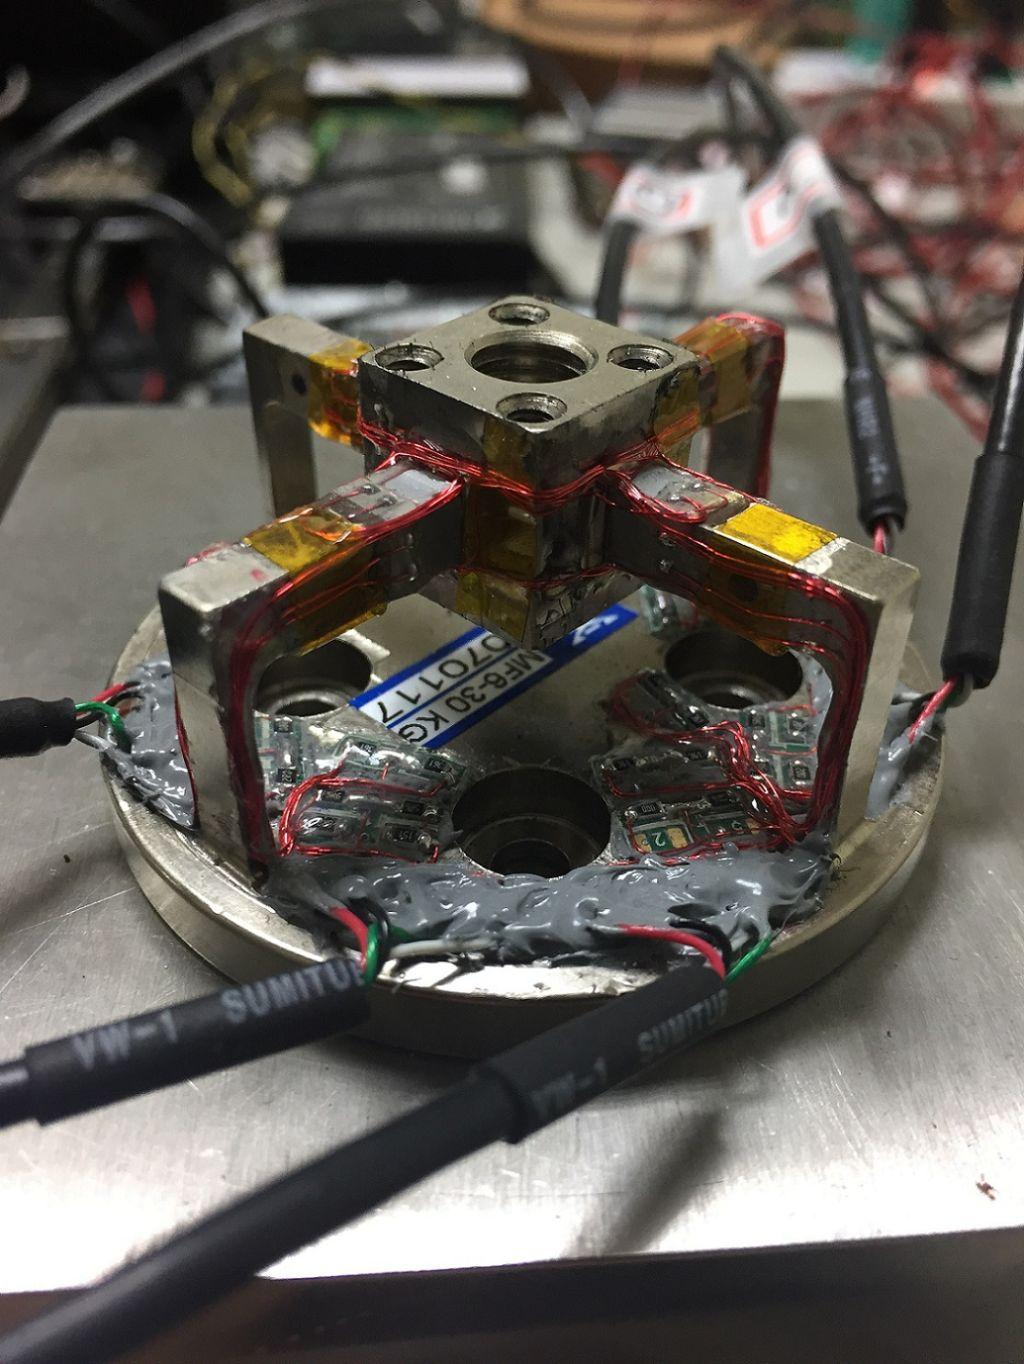 Six-axis force/torque sensor and calibration technique